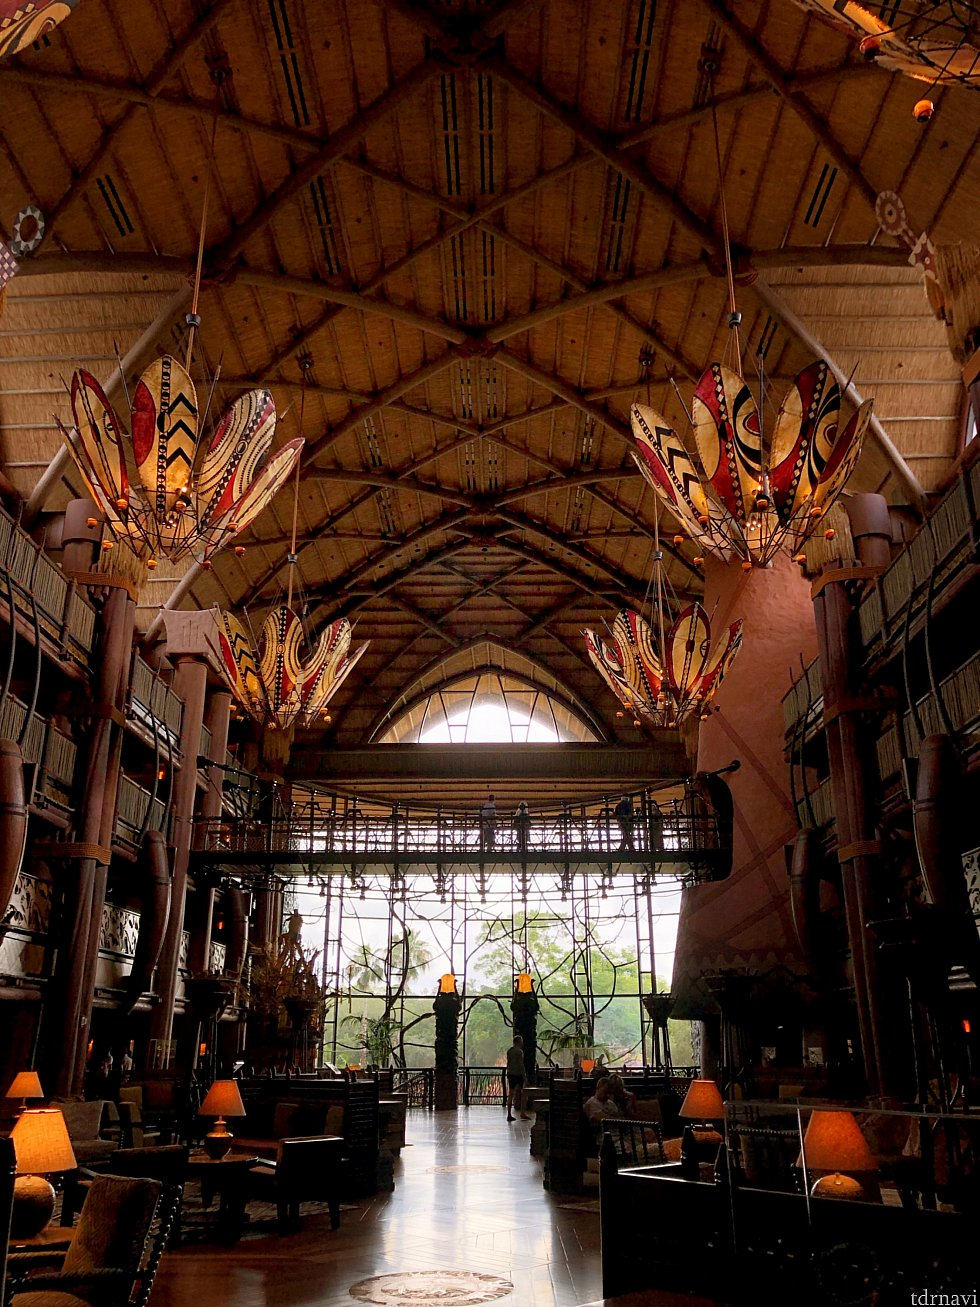 Animal Kingdom Lodgeのロビー。吹き抜けで開放感のある空間。 窓の外にはサファリが広がっています。